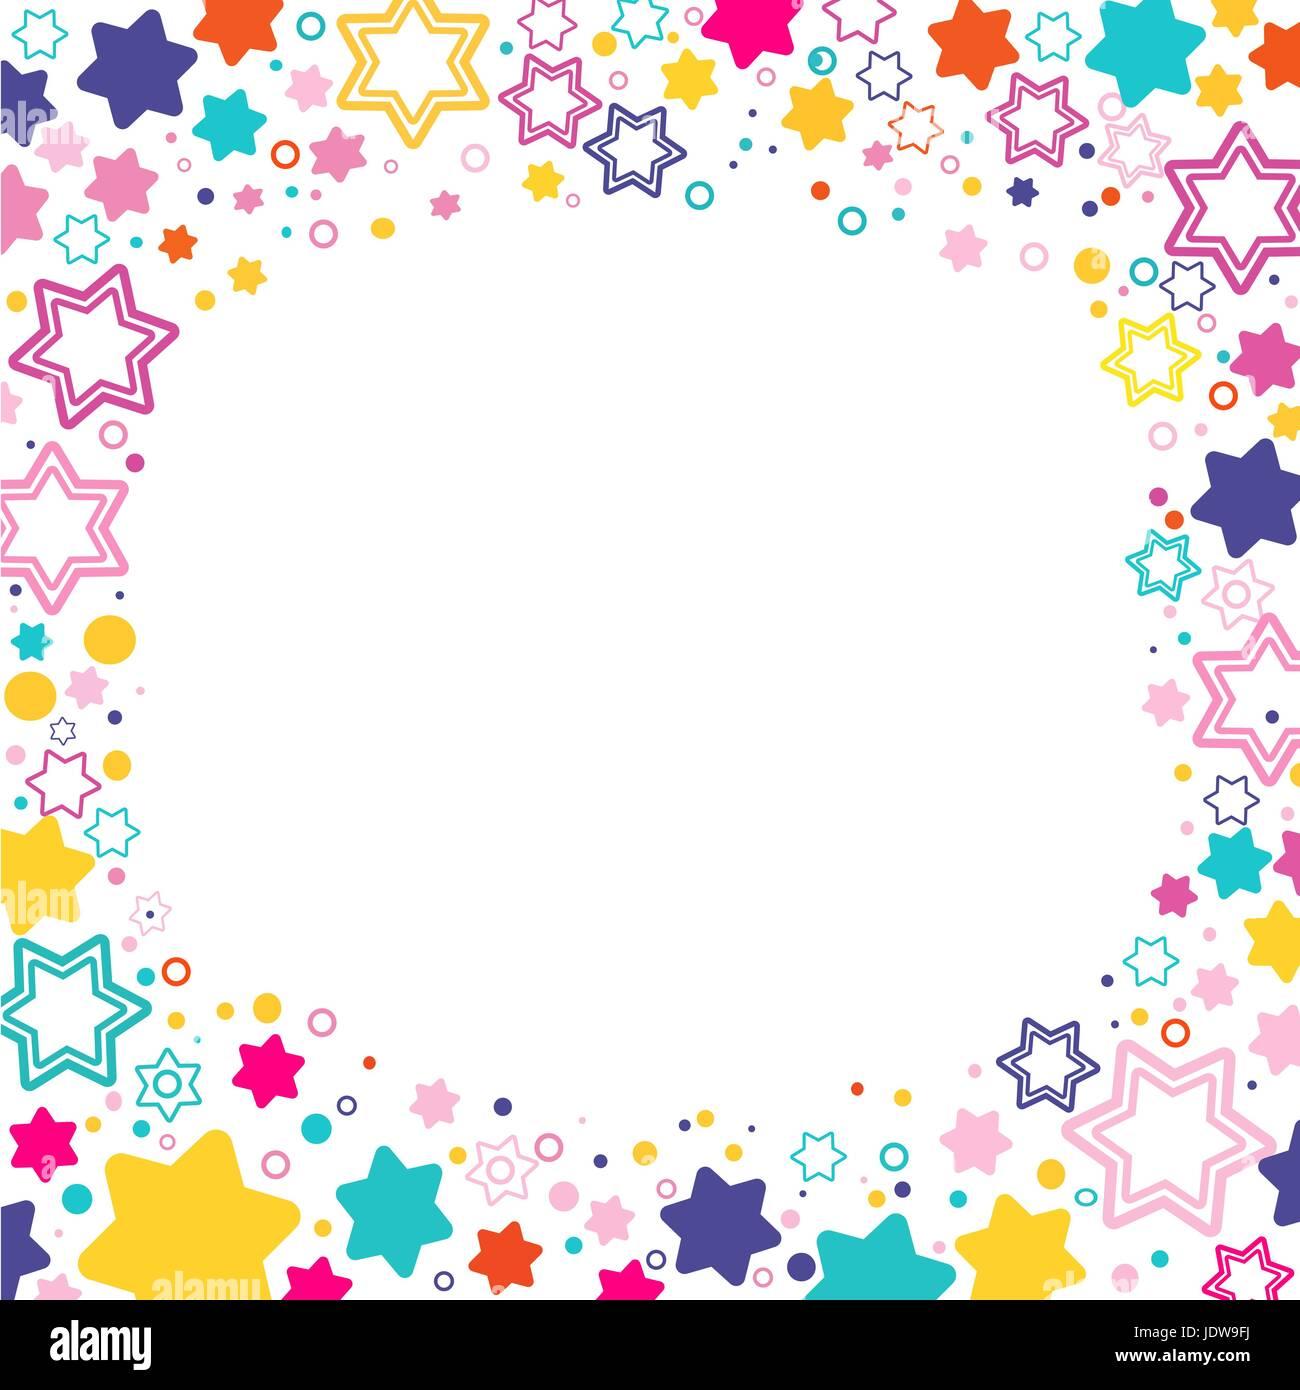 Happy Purim Template Greeting Card Stockfotos & Happy Purim Template ...